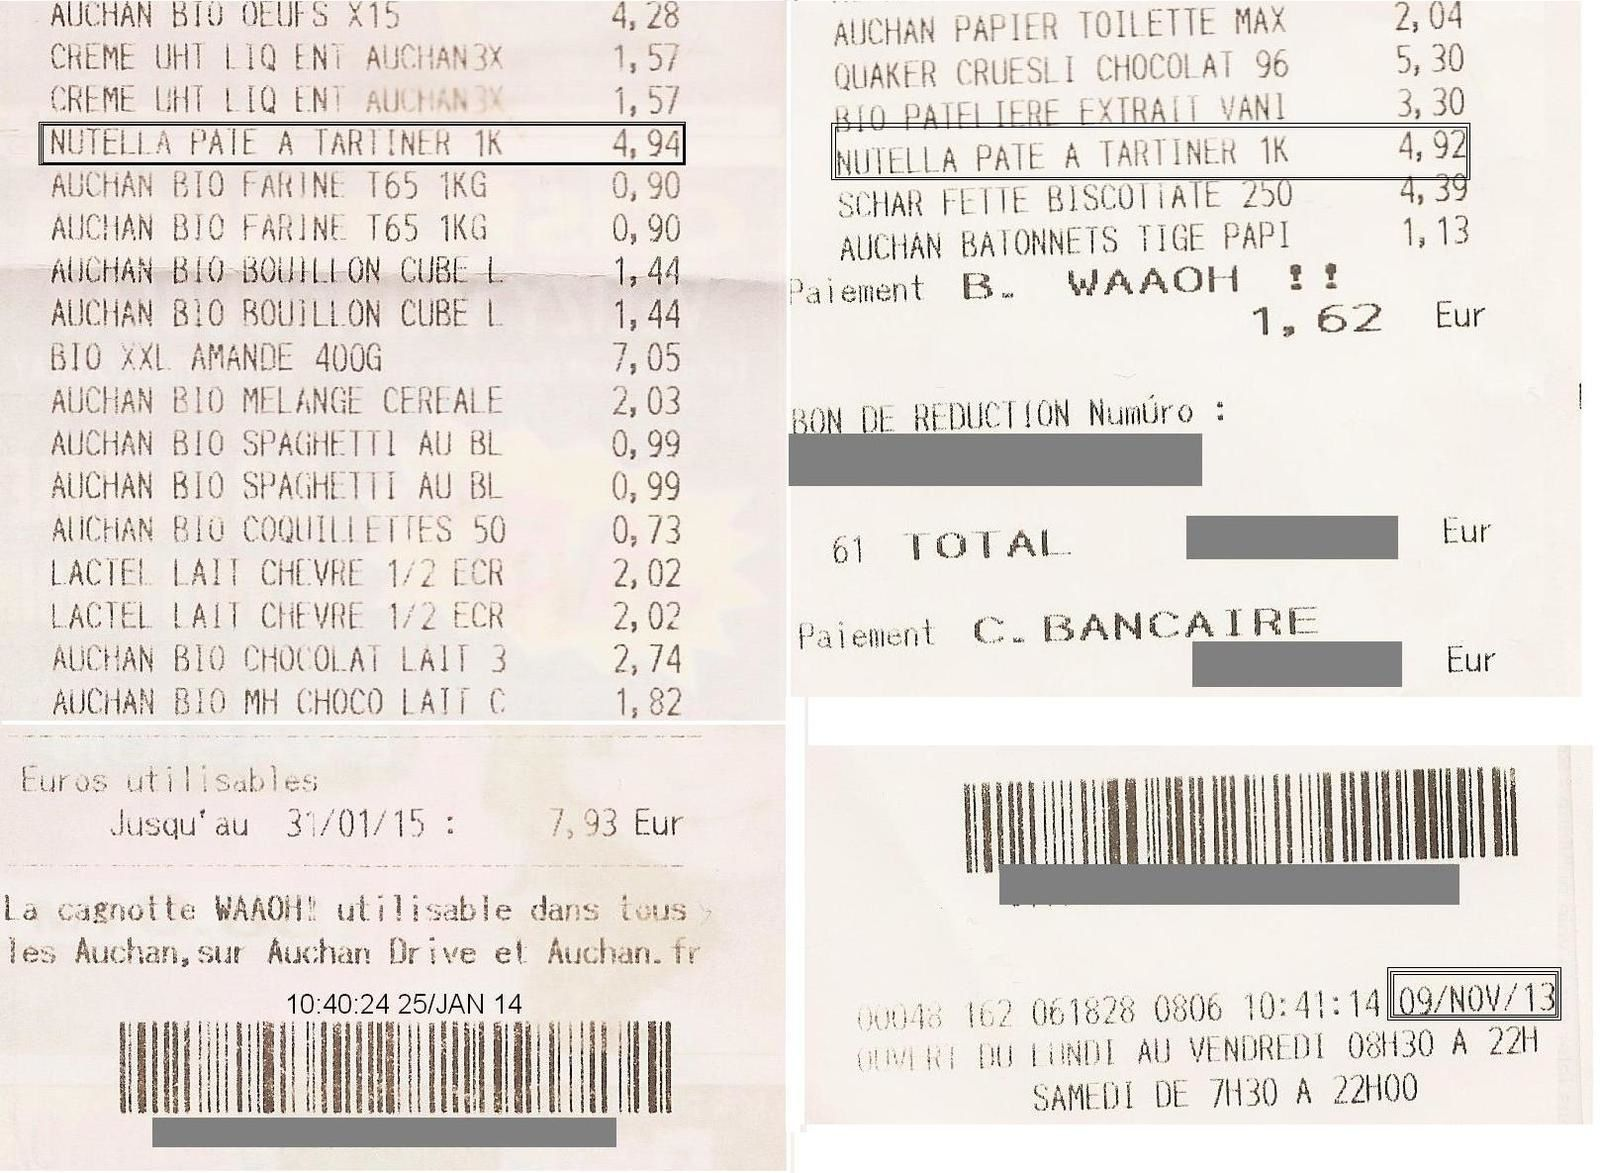 Tickets de caisse datant du 9 novembre 2013 et du 25 janvier 2014